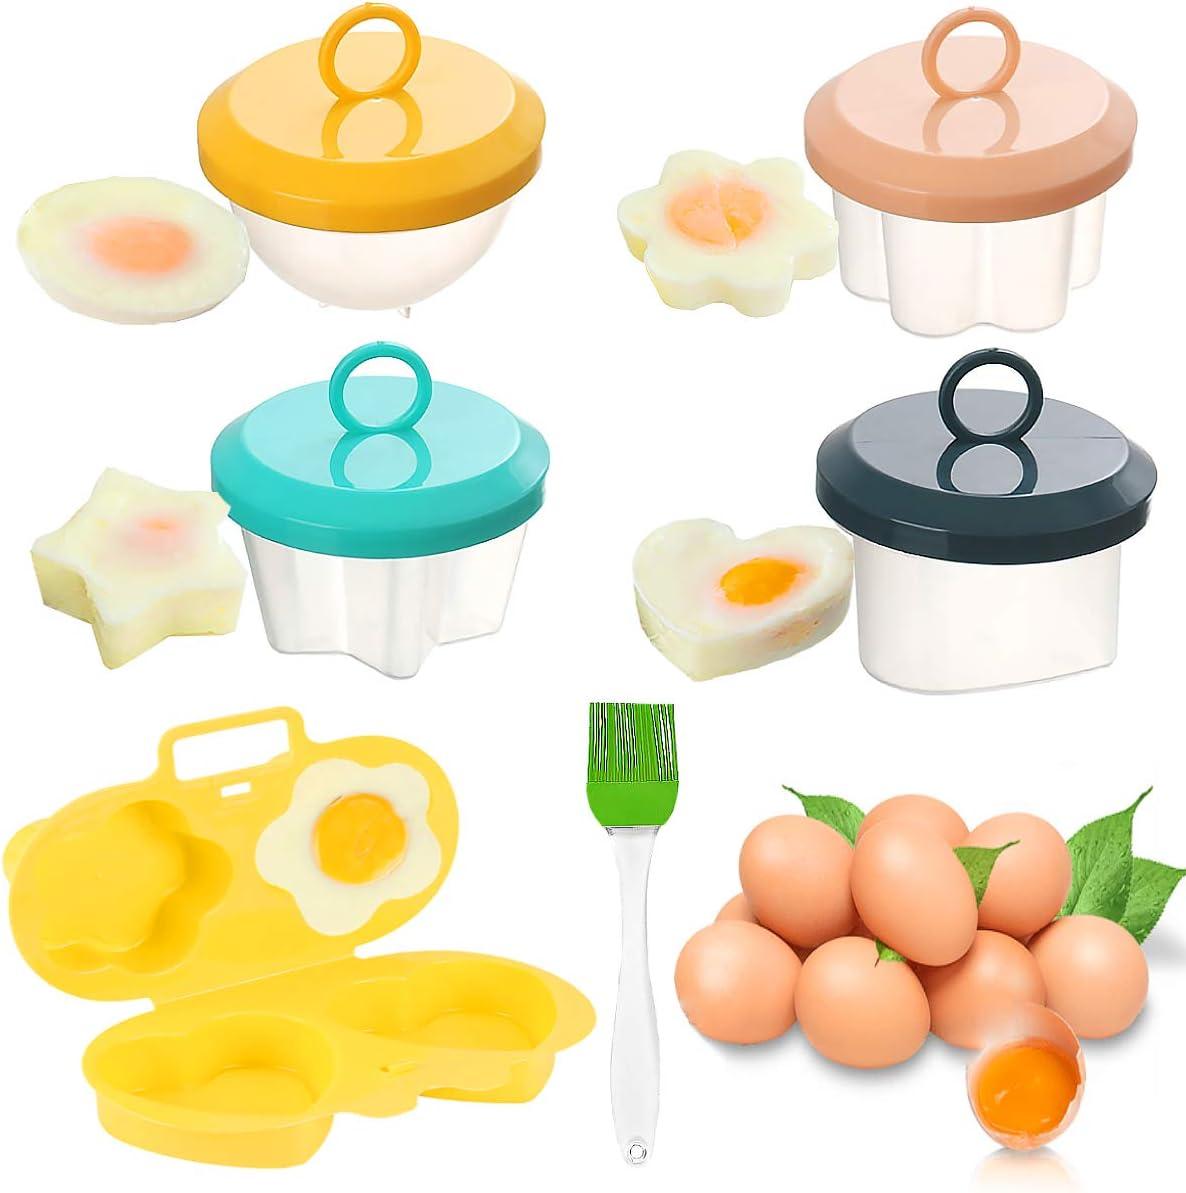 Escalfar Huevos, Senteen 5pcs Escalfador De Huevos Antiadherente Cocedor Huevos Portátil Recipiente Cocer Huevos Microondas Plastico Tazas De Huevos Accesorios de cocina, Para Cacerola Vaporizador